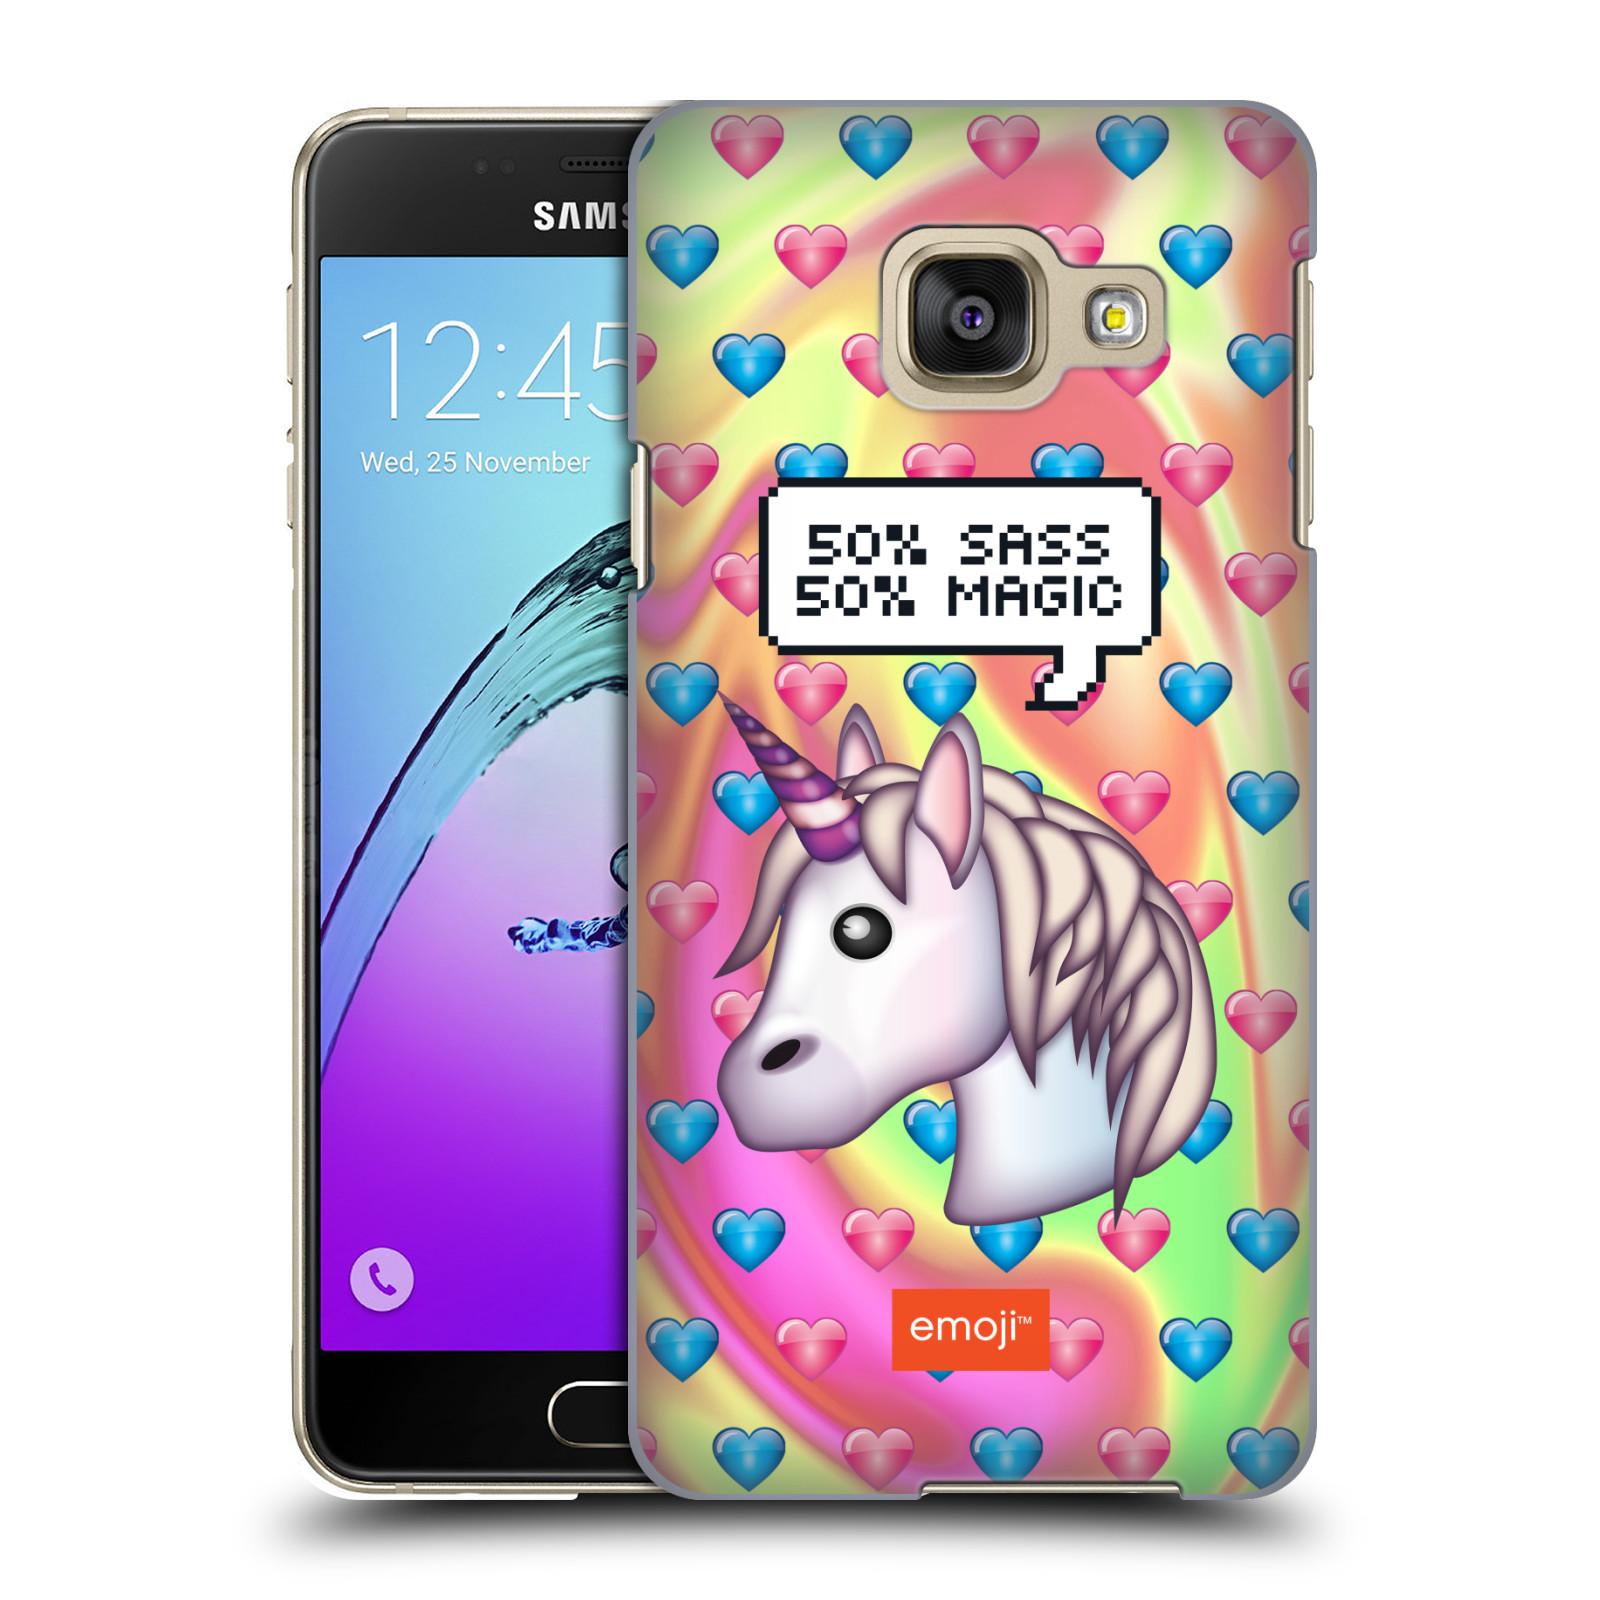 Plastové pouzdro na mobil Samsung Galaxy A3 (2016) HEAD CASE EMOJI - Jednorožec